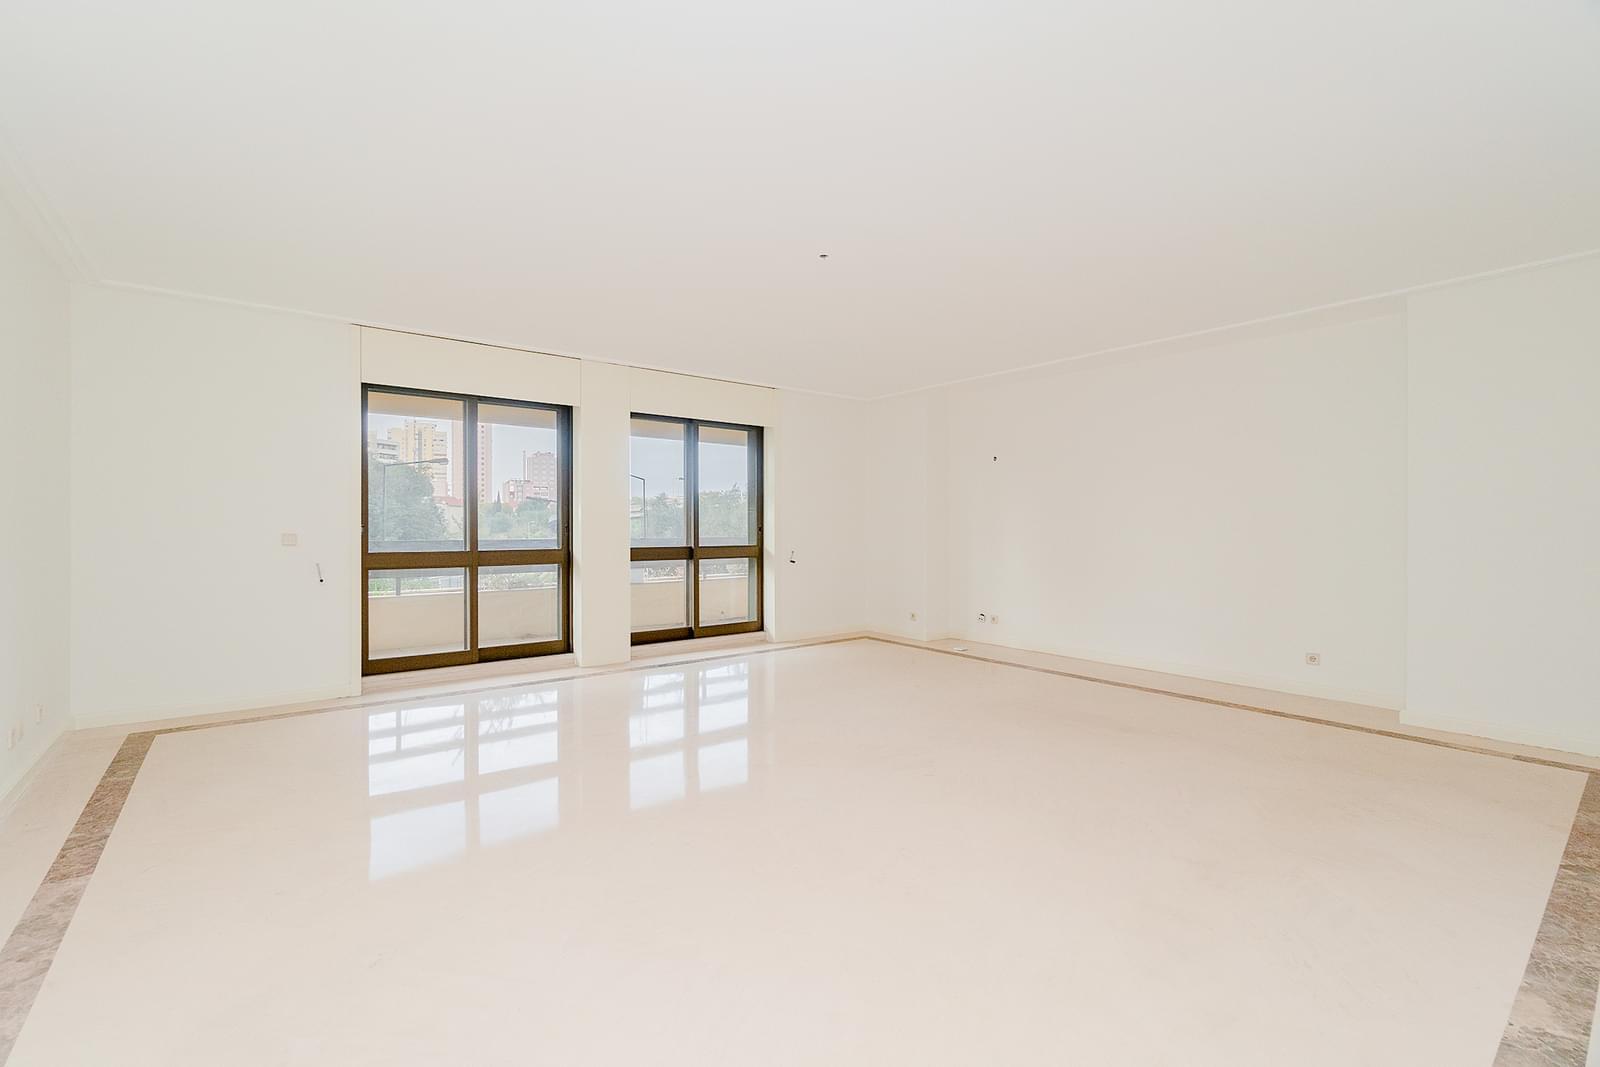 pf18551-apartamento-t3-1-lisboa-945237c1-b2cc-4e0b-b9bd-945ab4c56545